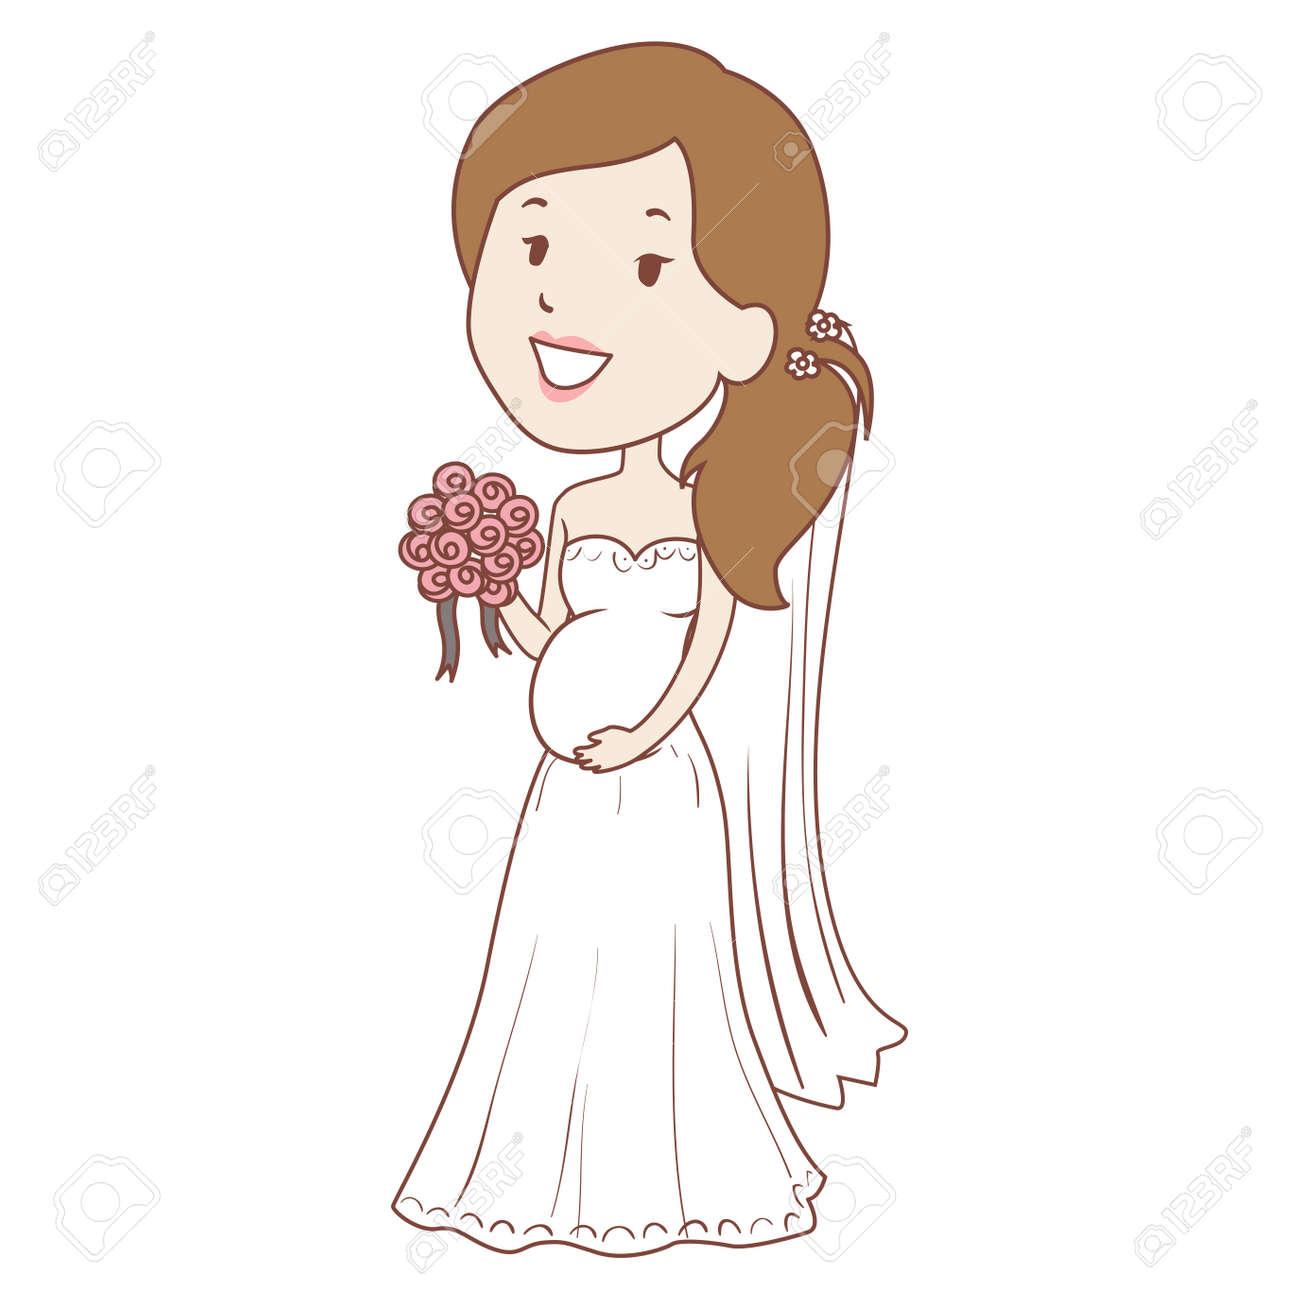 36f738533 Foto de archivo - Ilustración vectorial de la novia embarazada sosteniendo  ramo de flores